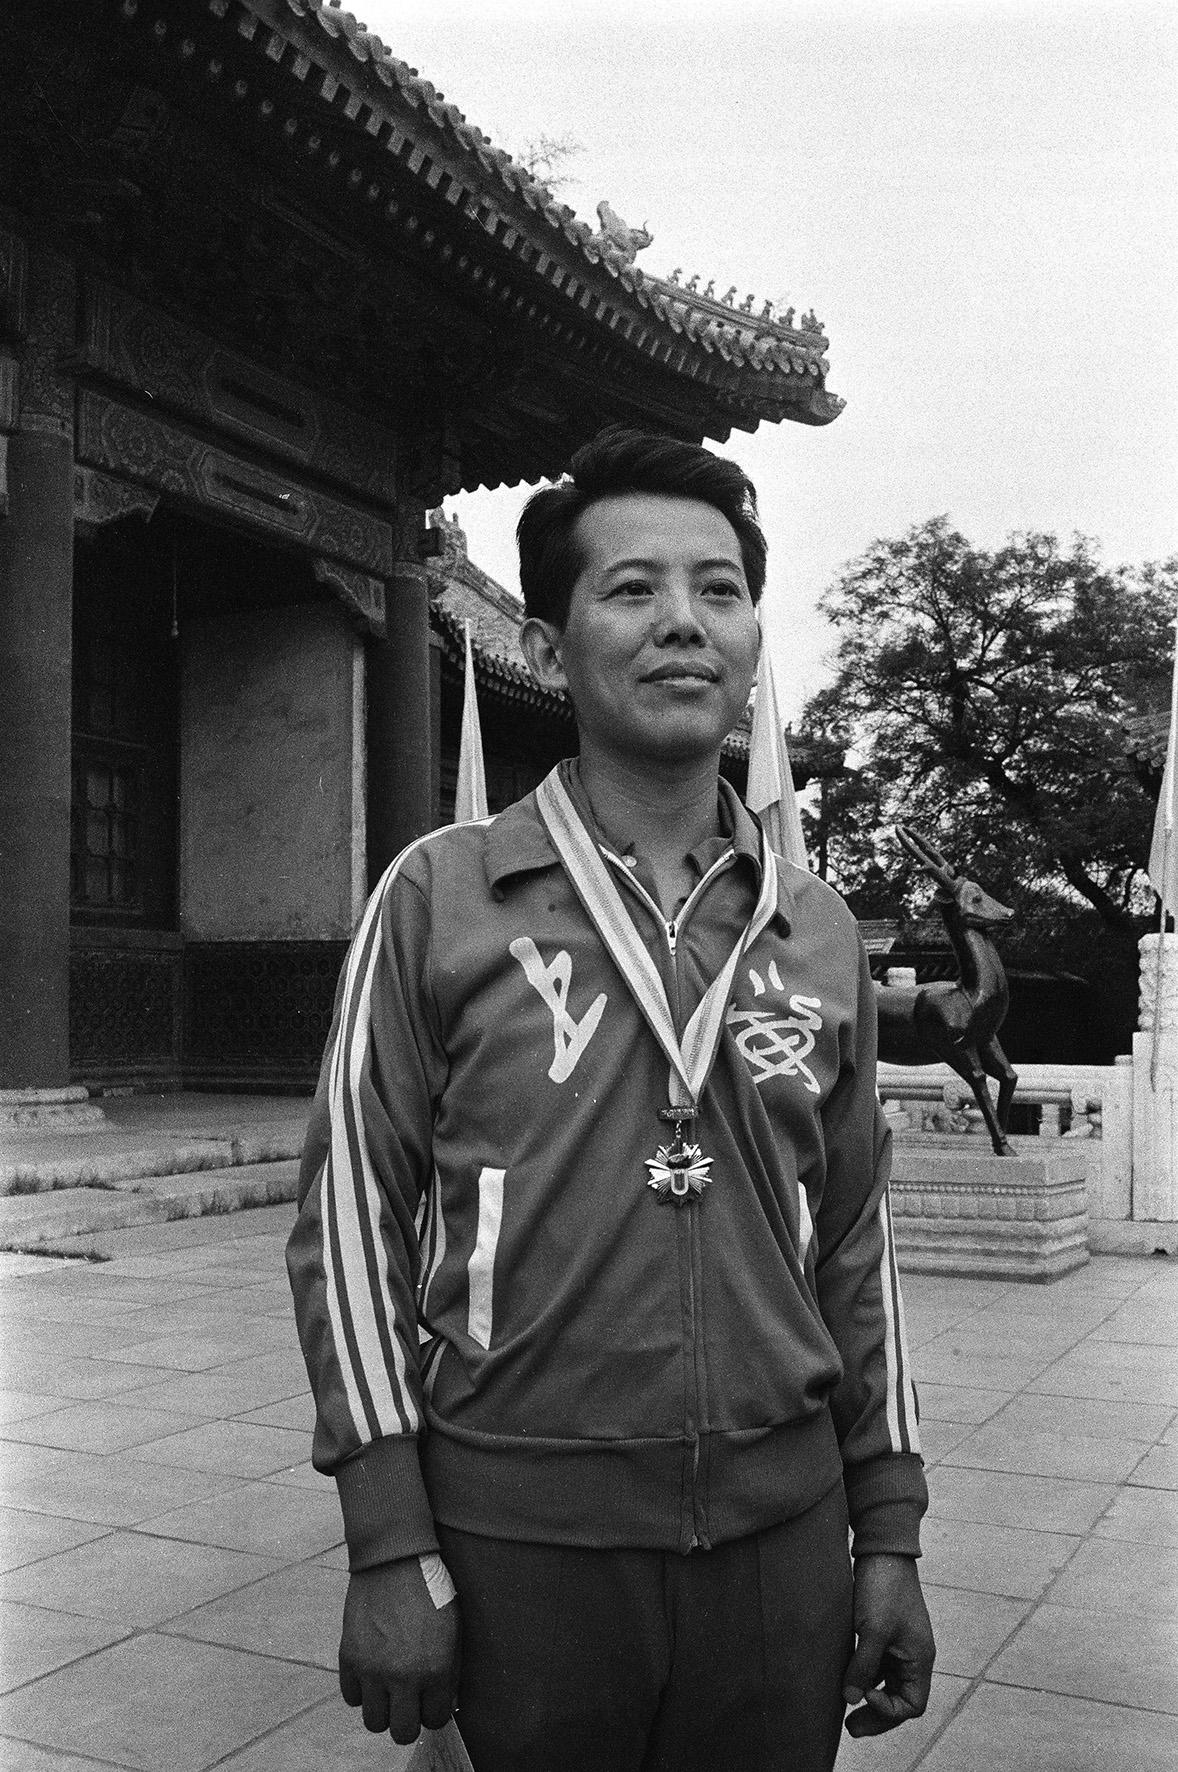 第四届全运会冠军  摄于1979年9月.jpg